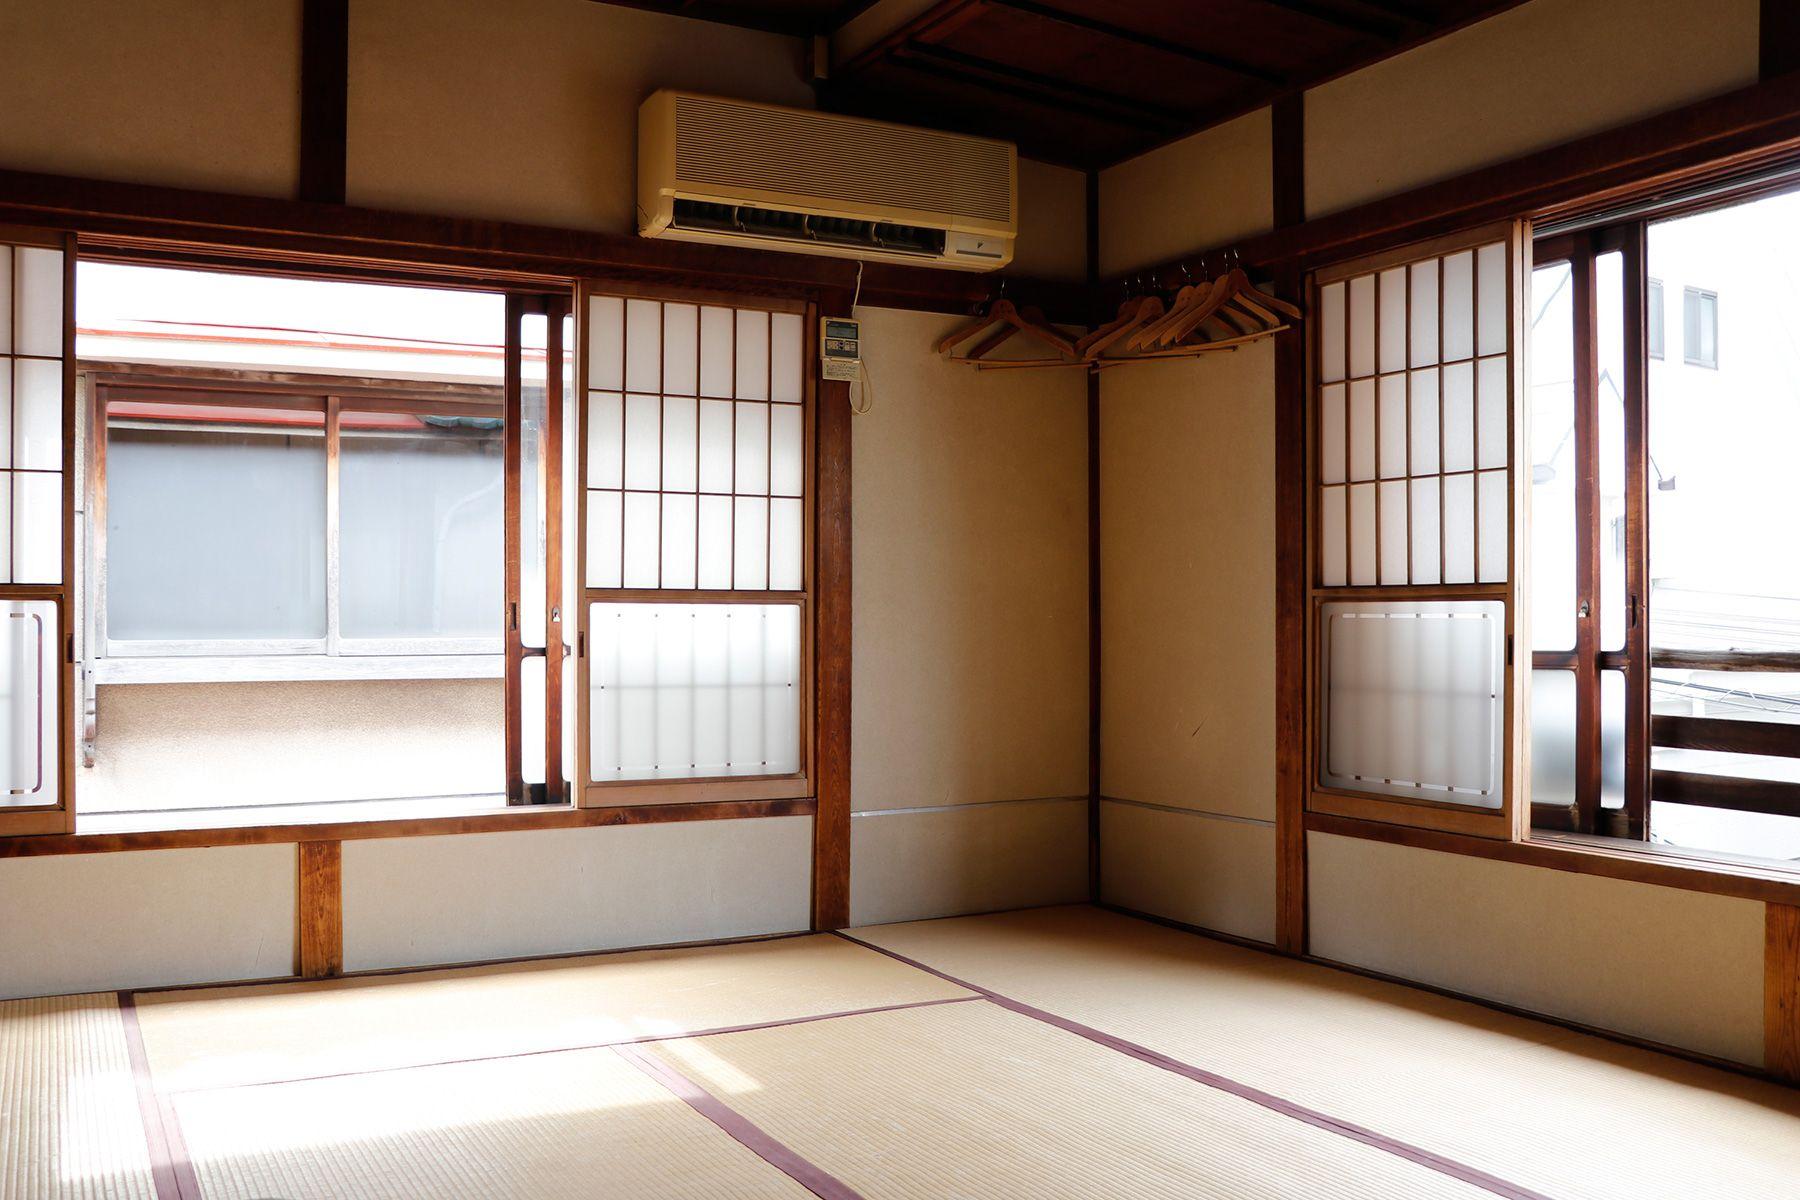 HOMEIKAN 森川別館/旅館 (ホウメイカン)富士(10畳)窓は南と西2面